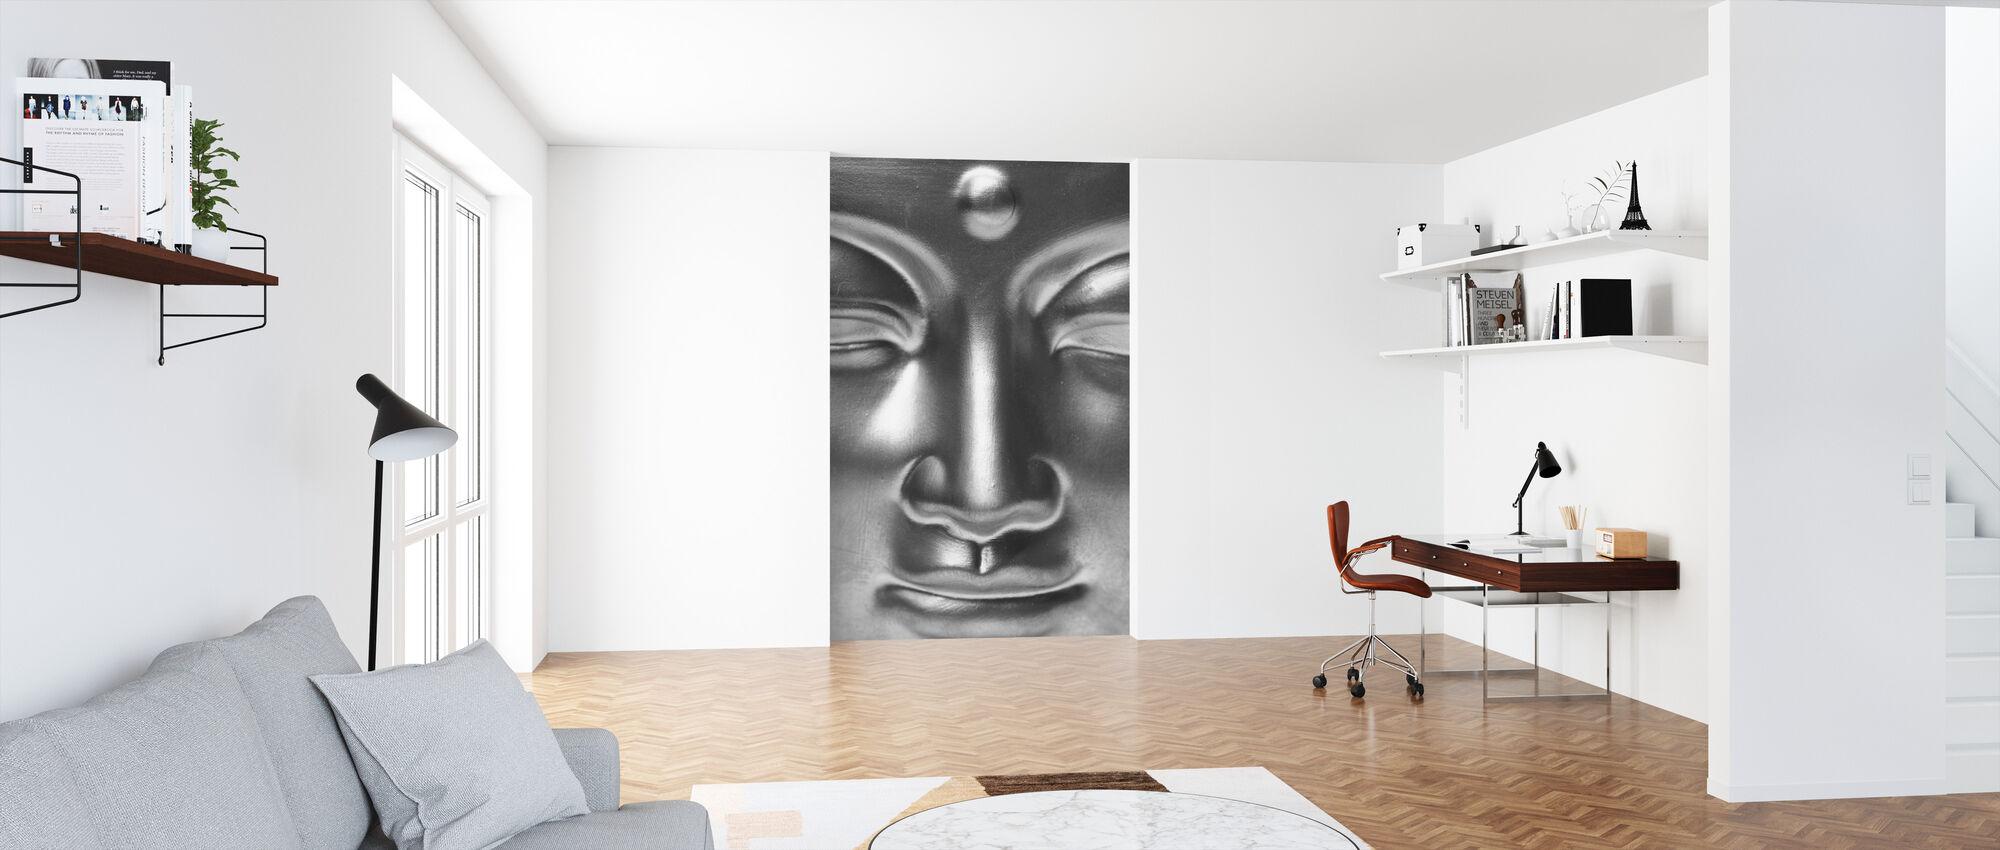 Golden Buddha Close Up - b/w - Wallpaper - Office